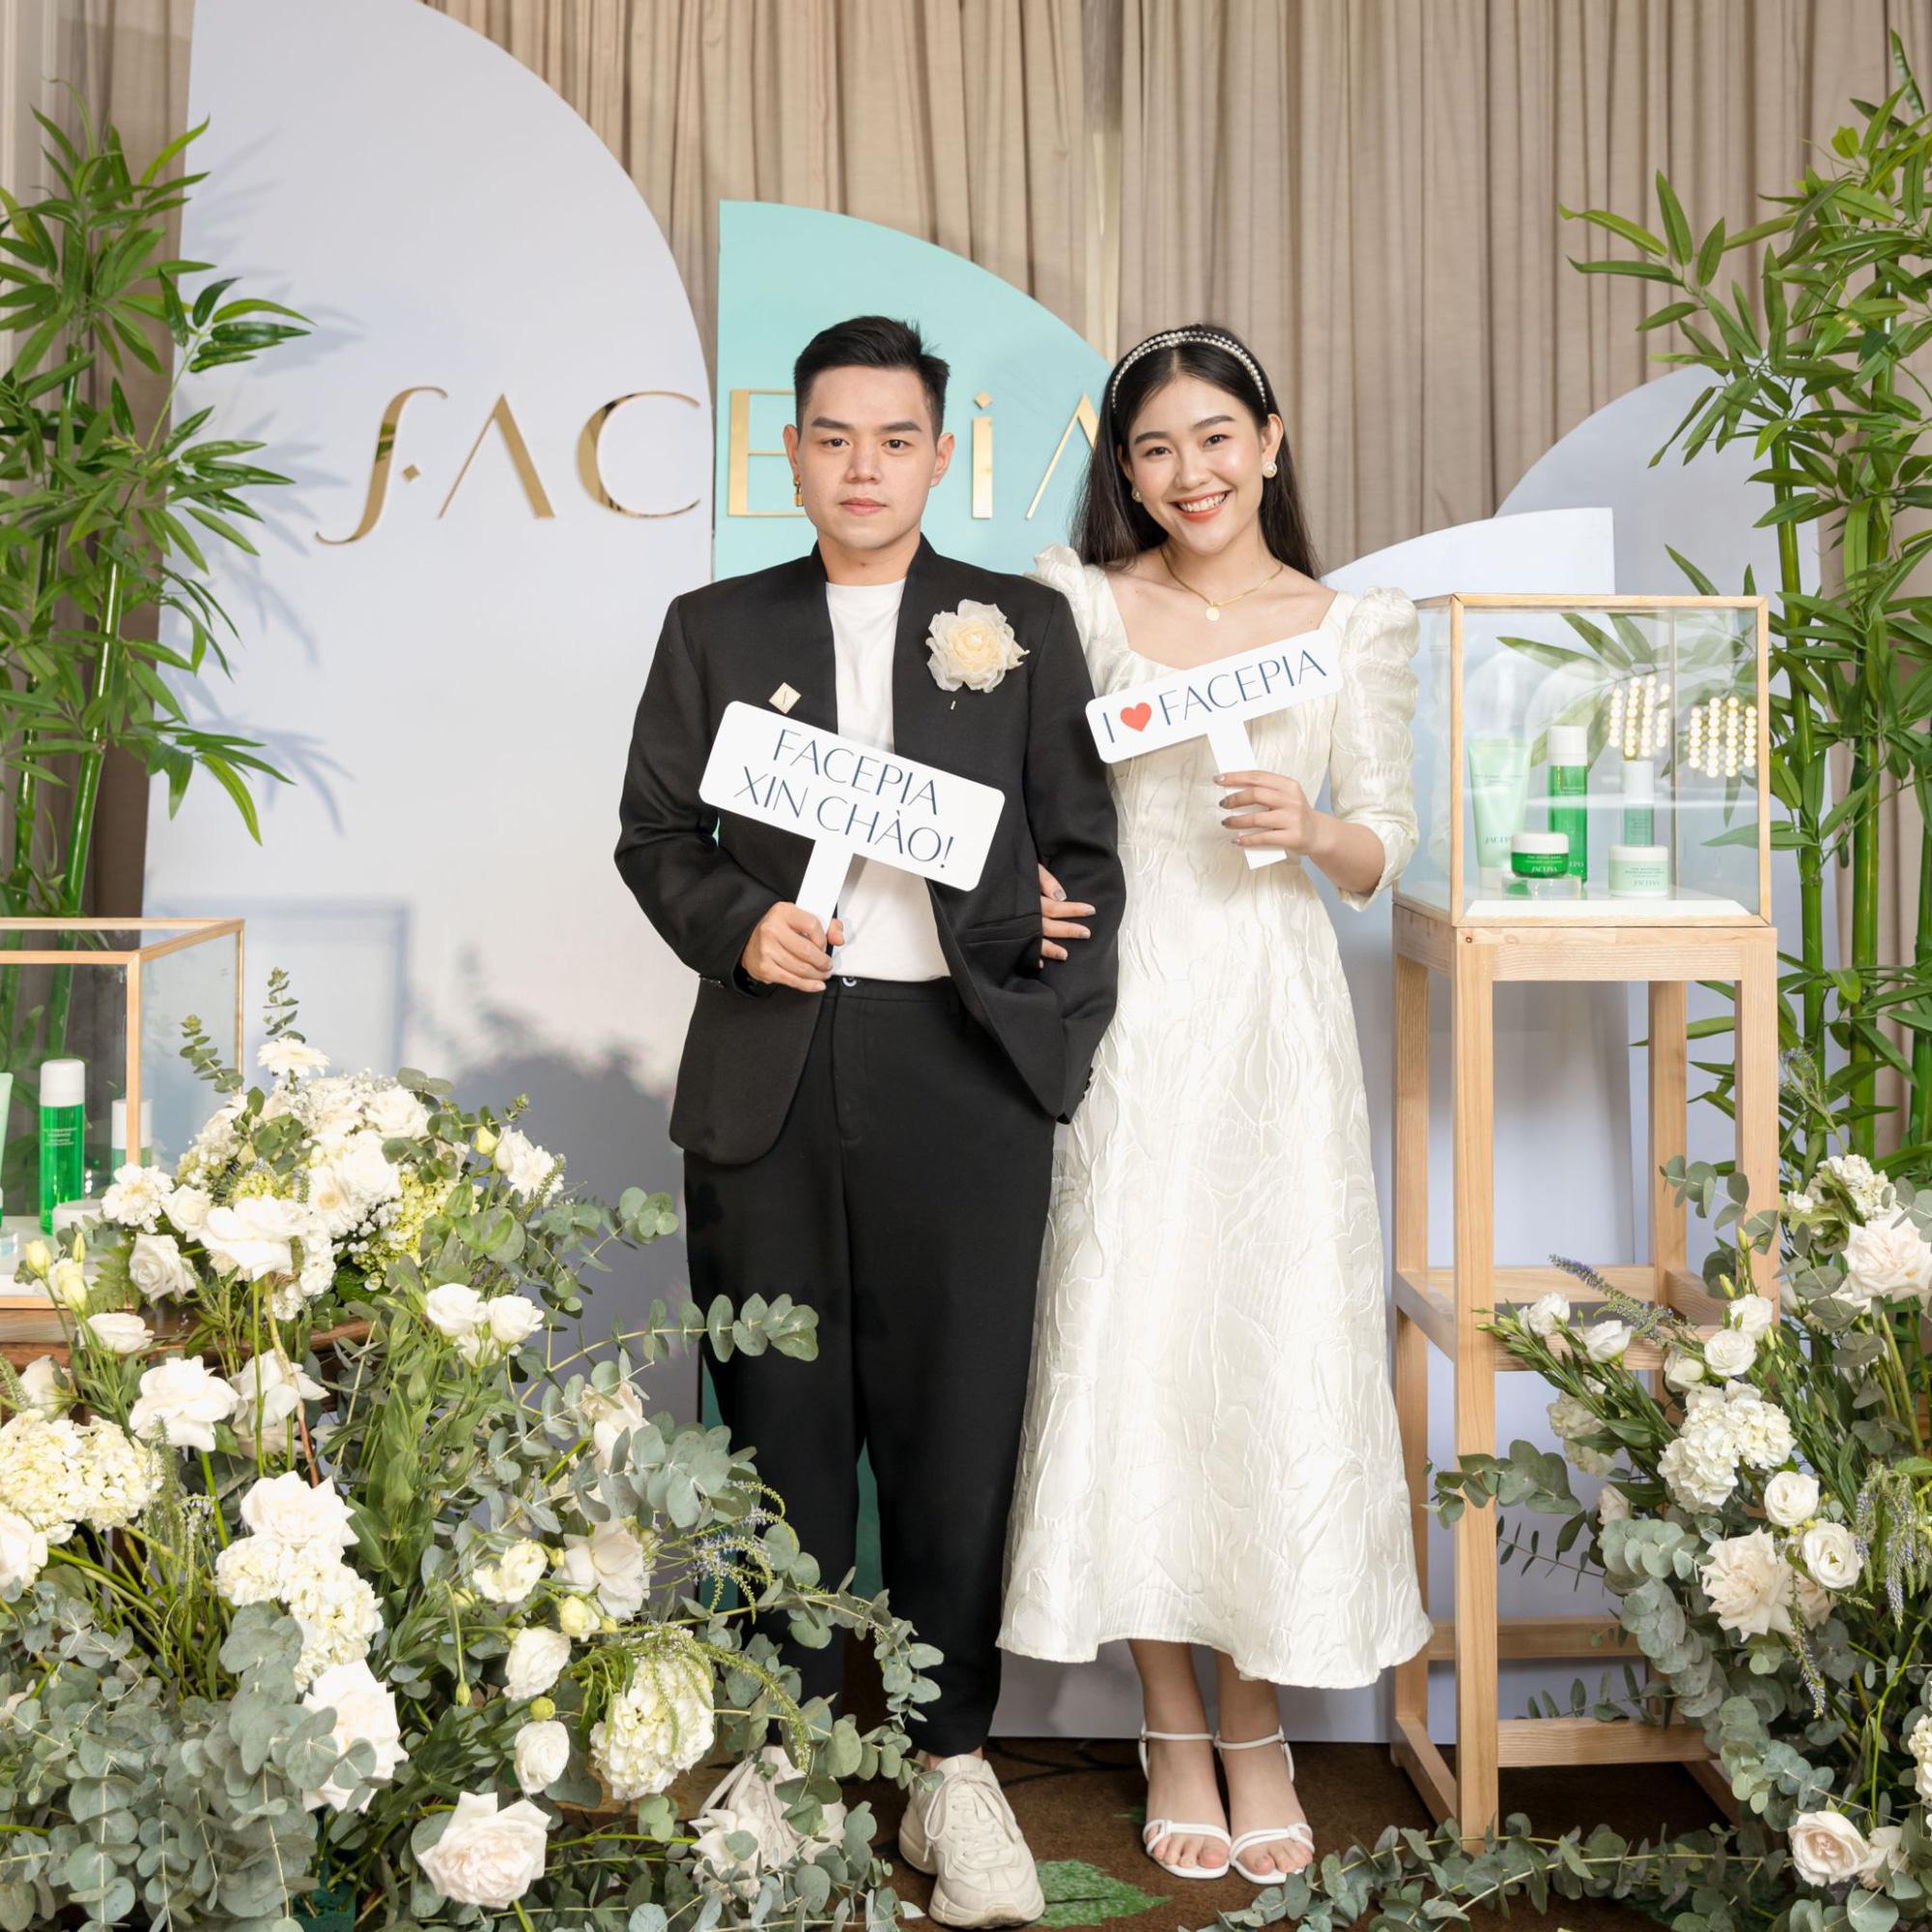 Lối đi khác biệt của thương hiệu beauty Facepia Vietnam trên TikTok - Ảnh 1.